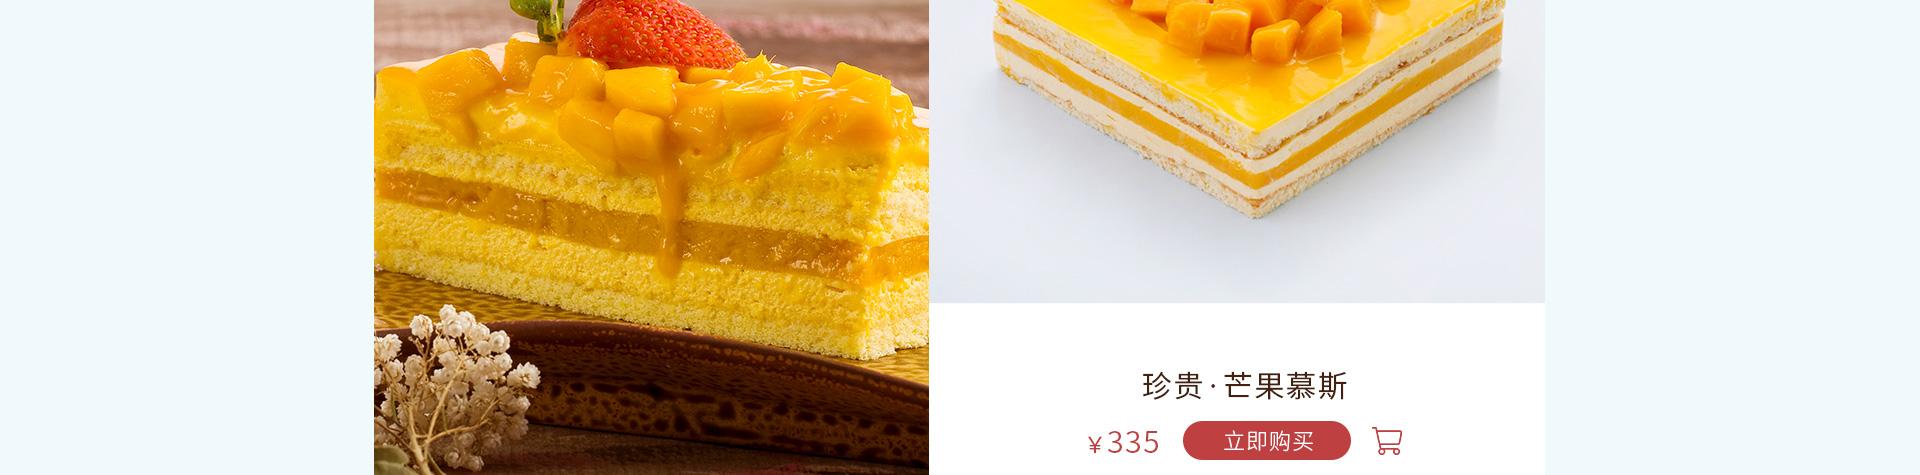 珍贵|芒果慕斯蛋糕 在线订购